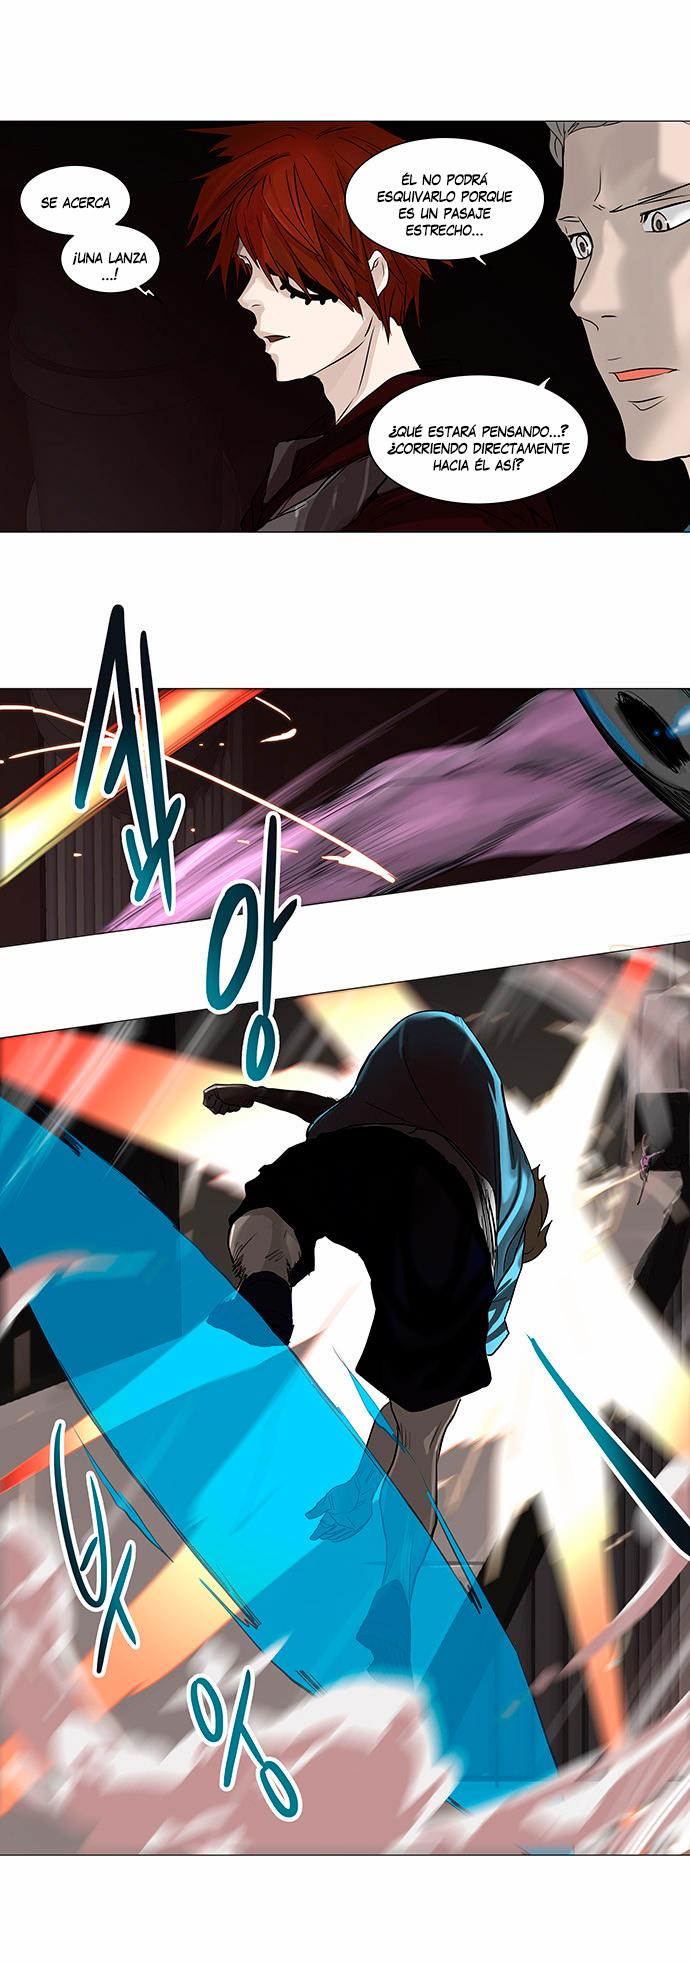 http://c5.ninemanga.com/es_manga/21/149/416028/faddbbf0f10163477a27b81367104982.jpg Page 9